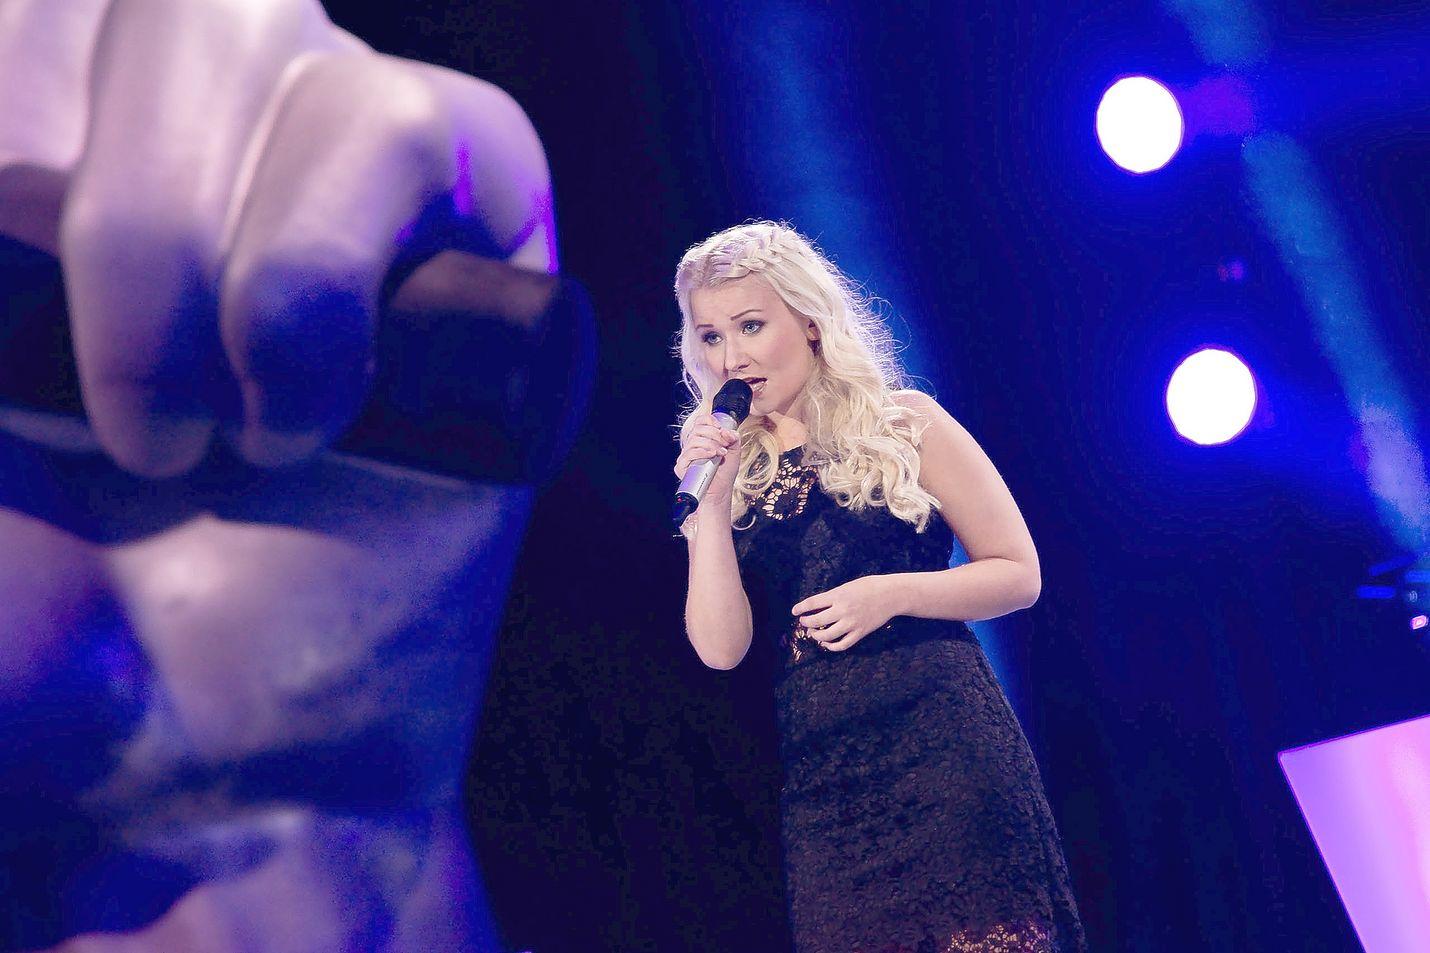 Raumalaislähtöinen Jessica Uussaari sai jatkopaikan kaksintaisteluista The Voice of Finland -kilpailussa. Hänen taisteluparinaan oli Kirsi Mäkiniemi Alavudelta.